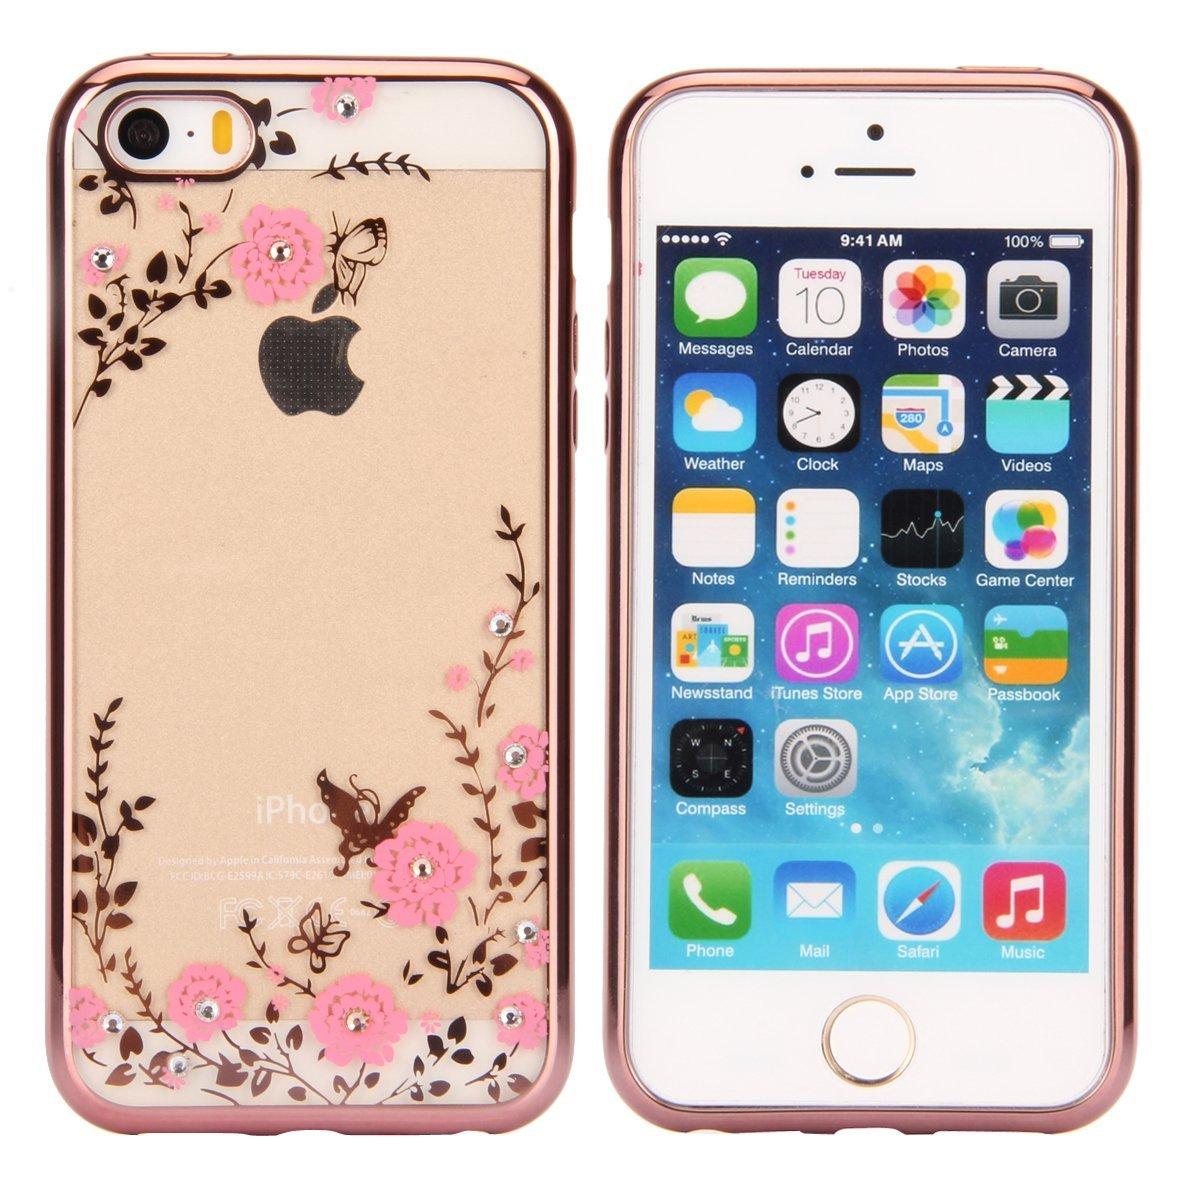 Pouzdro Forcell Diamond Case iPhone SE/5s/5 - Růžově zlatá